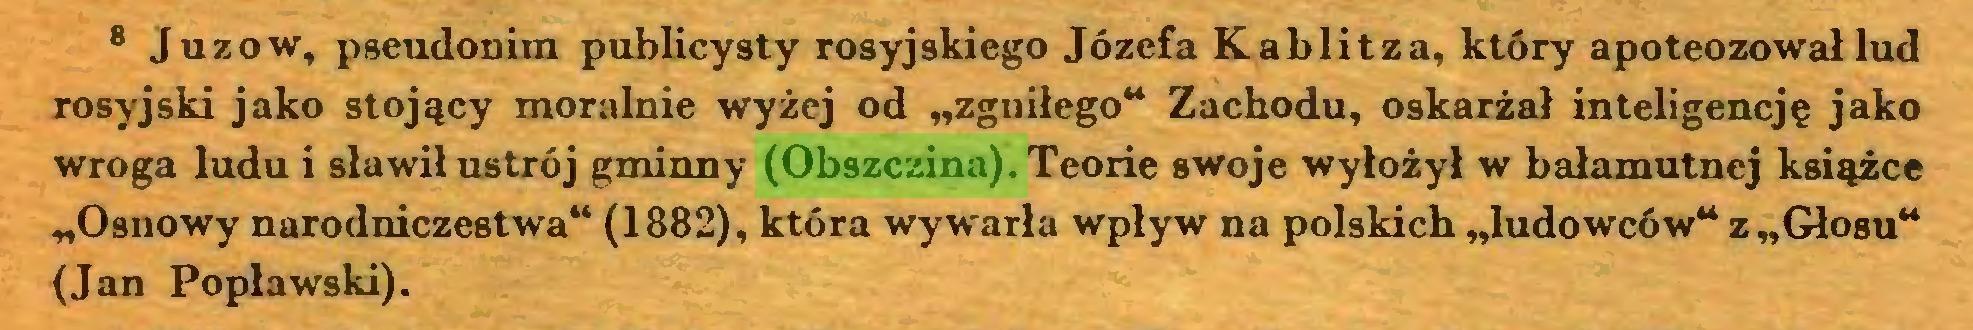 """(...) 8 Juzów, pseudonim publicysty rosyjskiego Józefa Kablitza, który apoteozował lud rosyjski jako stojący moralnie wyżej od """"zgniłego"""" Zachodu, oskarżał inteligencję jako wroga ludu i sławił ustrój gminny (Obszczina). Teorie swoje wyłożył w bałamutnej książce """"Osnowy narodniczestwa"""" (1882), która wywarła wpływ na polskich """"ludowców"""" z """"Głosu"""" (Jan Popławski)..."""